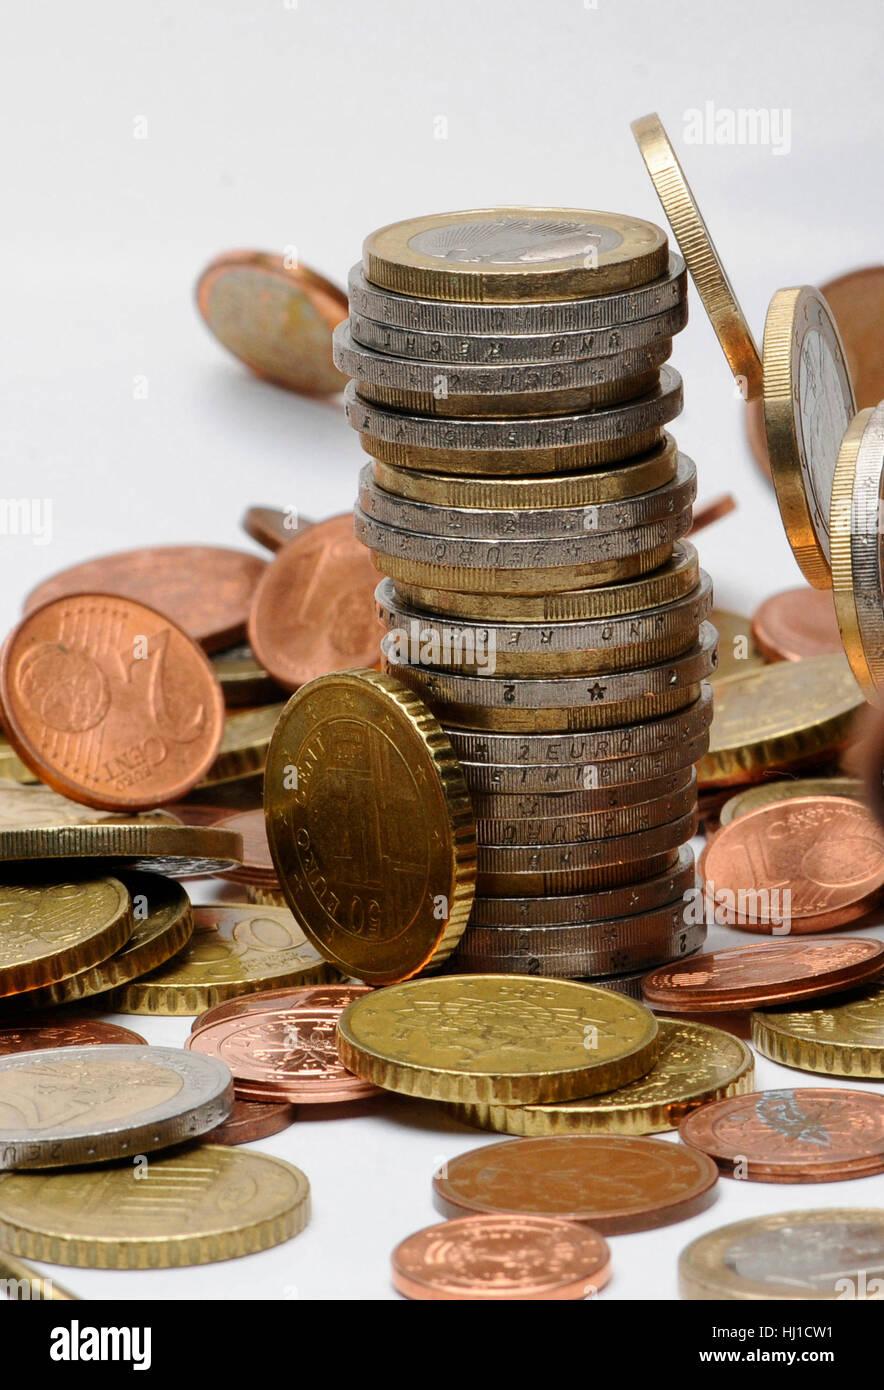 geldstabel,münze,münzen,euromünzen,euro,geld,bargeld,zahlungsmittel,finanzen Stock Photo